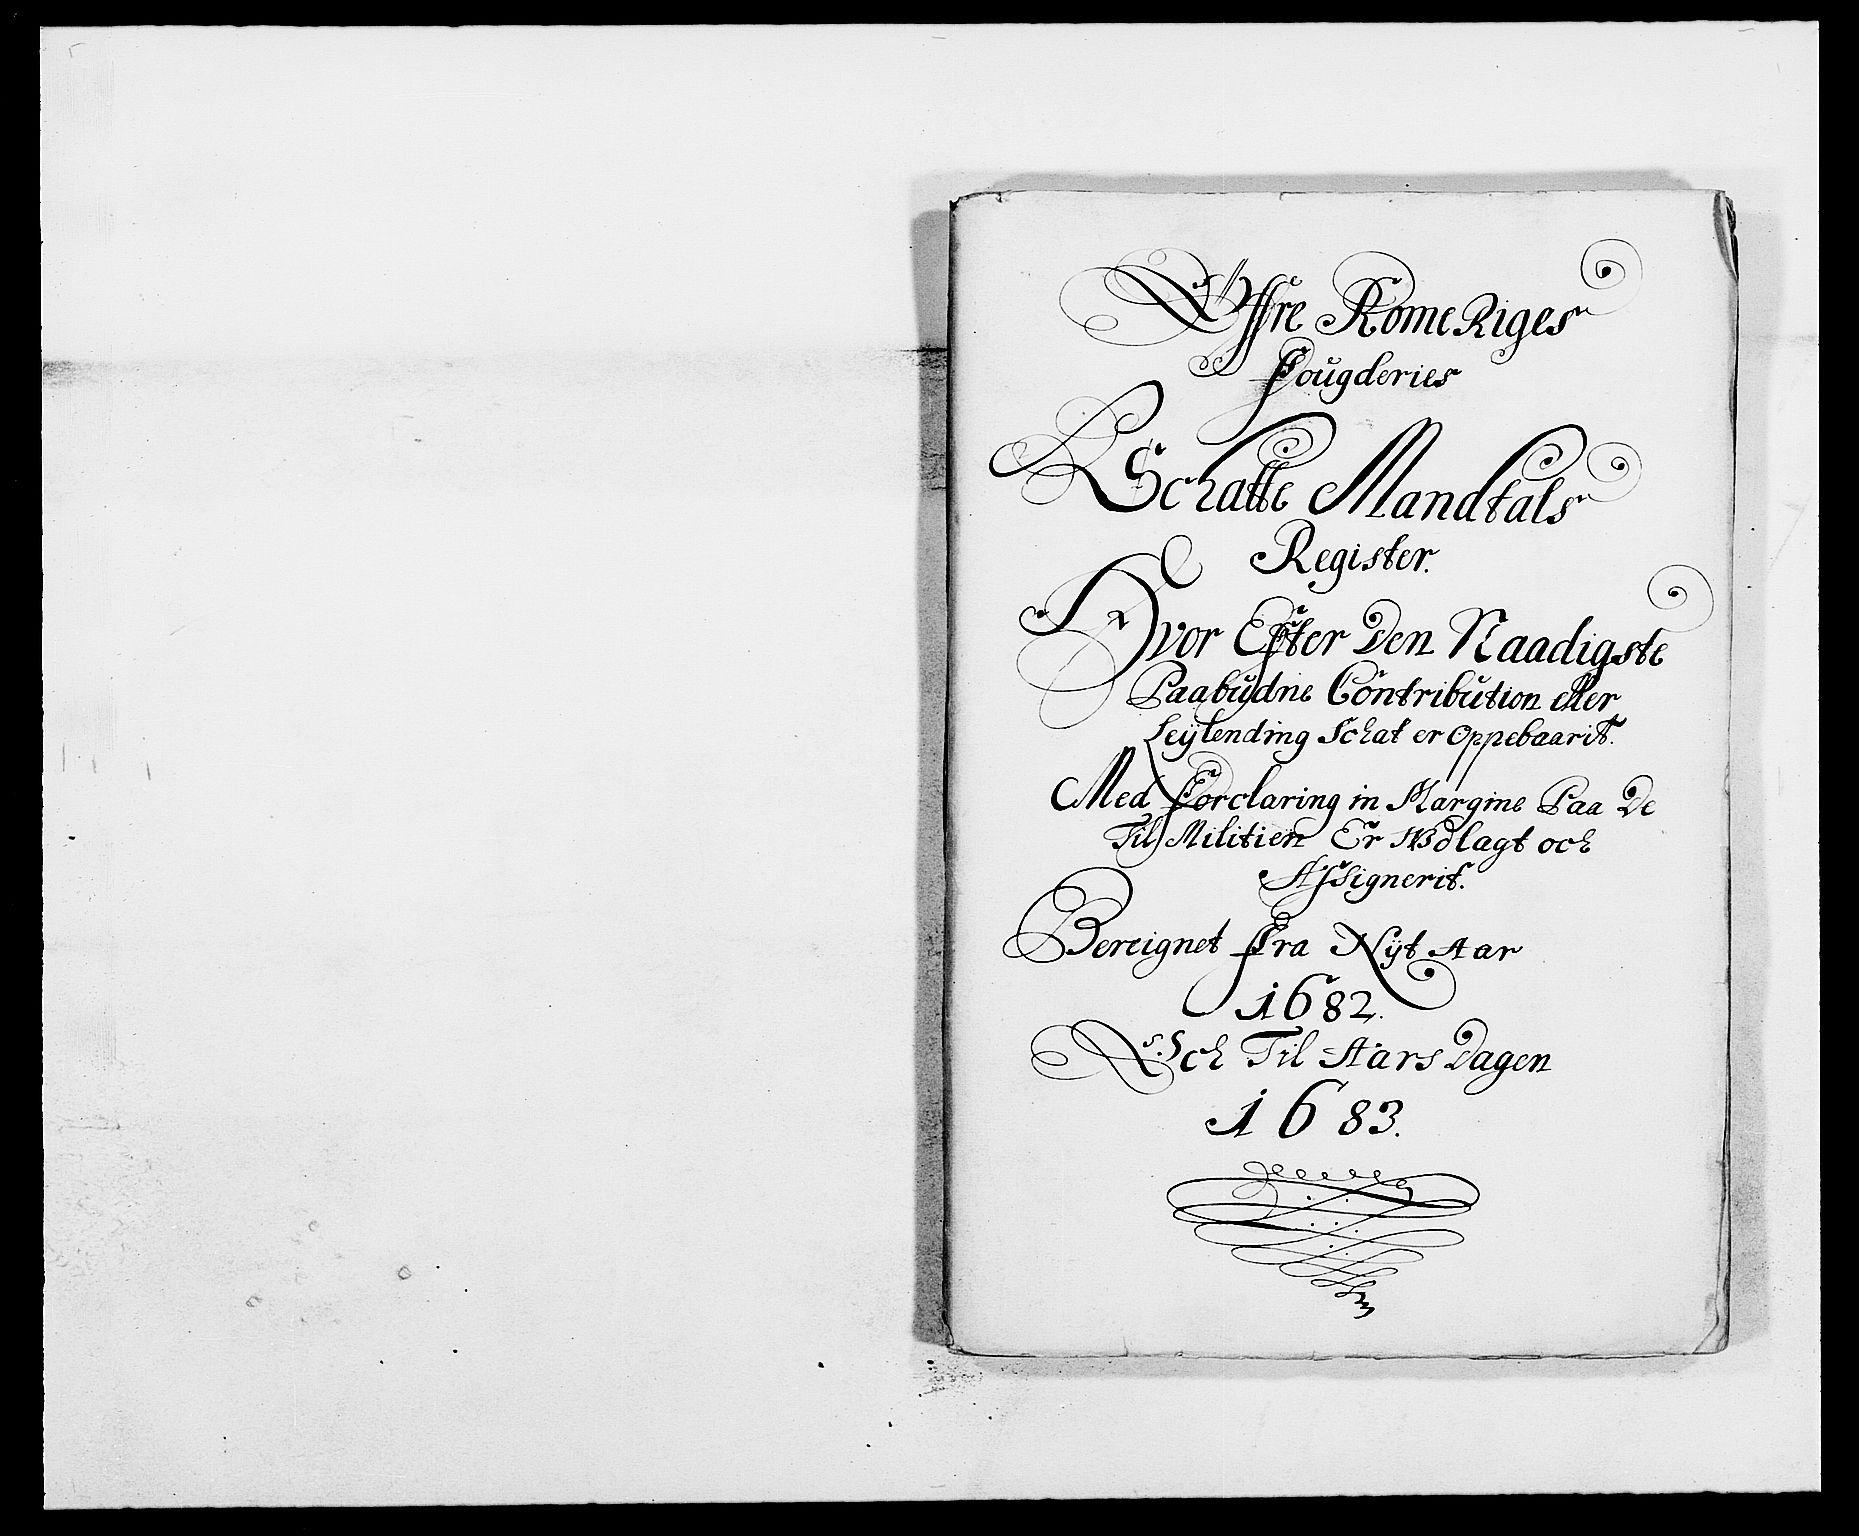 RA, Rentekammeret inntil 1814, Reviderte regnskaper, Fogderegnskap, R12/L0697: Fogderegnskap Øvre Romerike, 1682-1683, s. 97